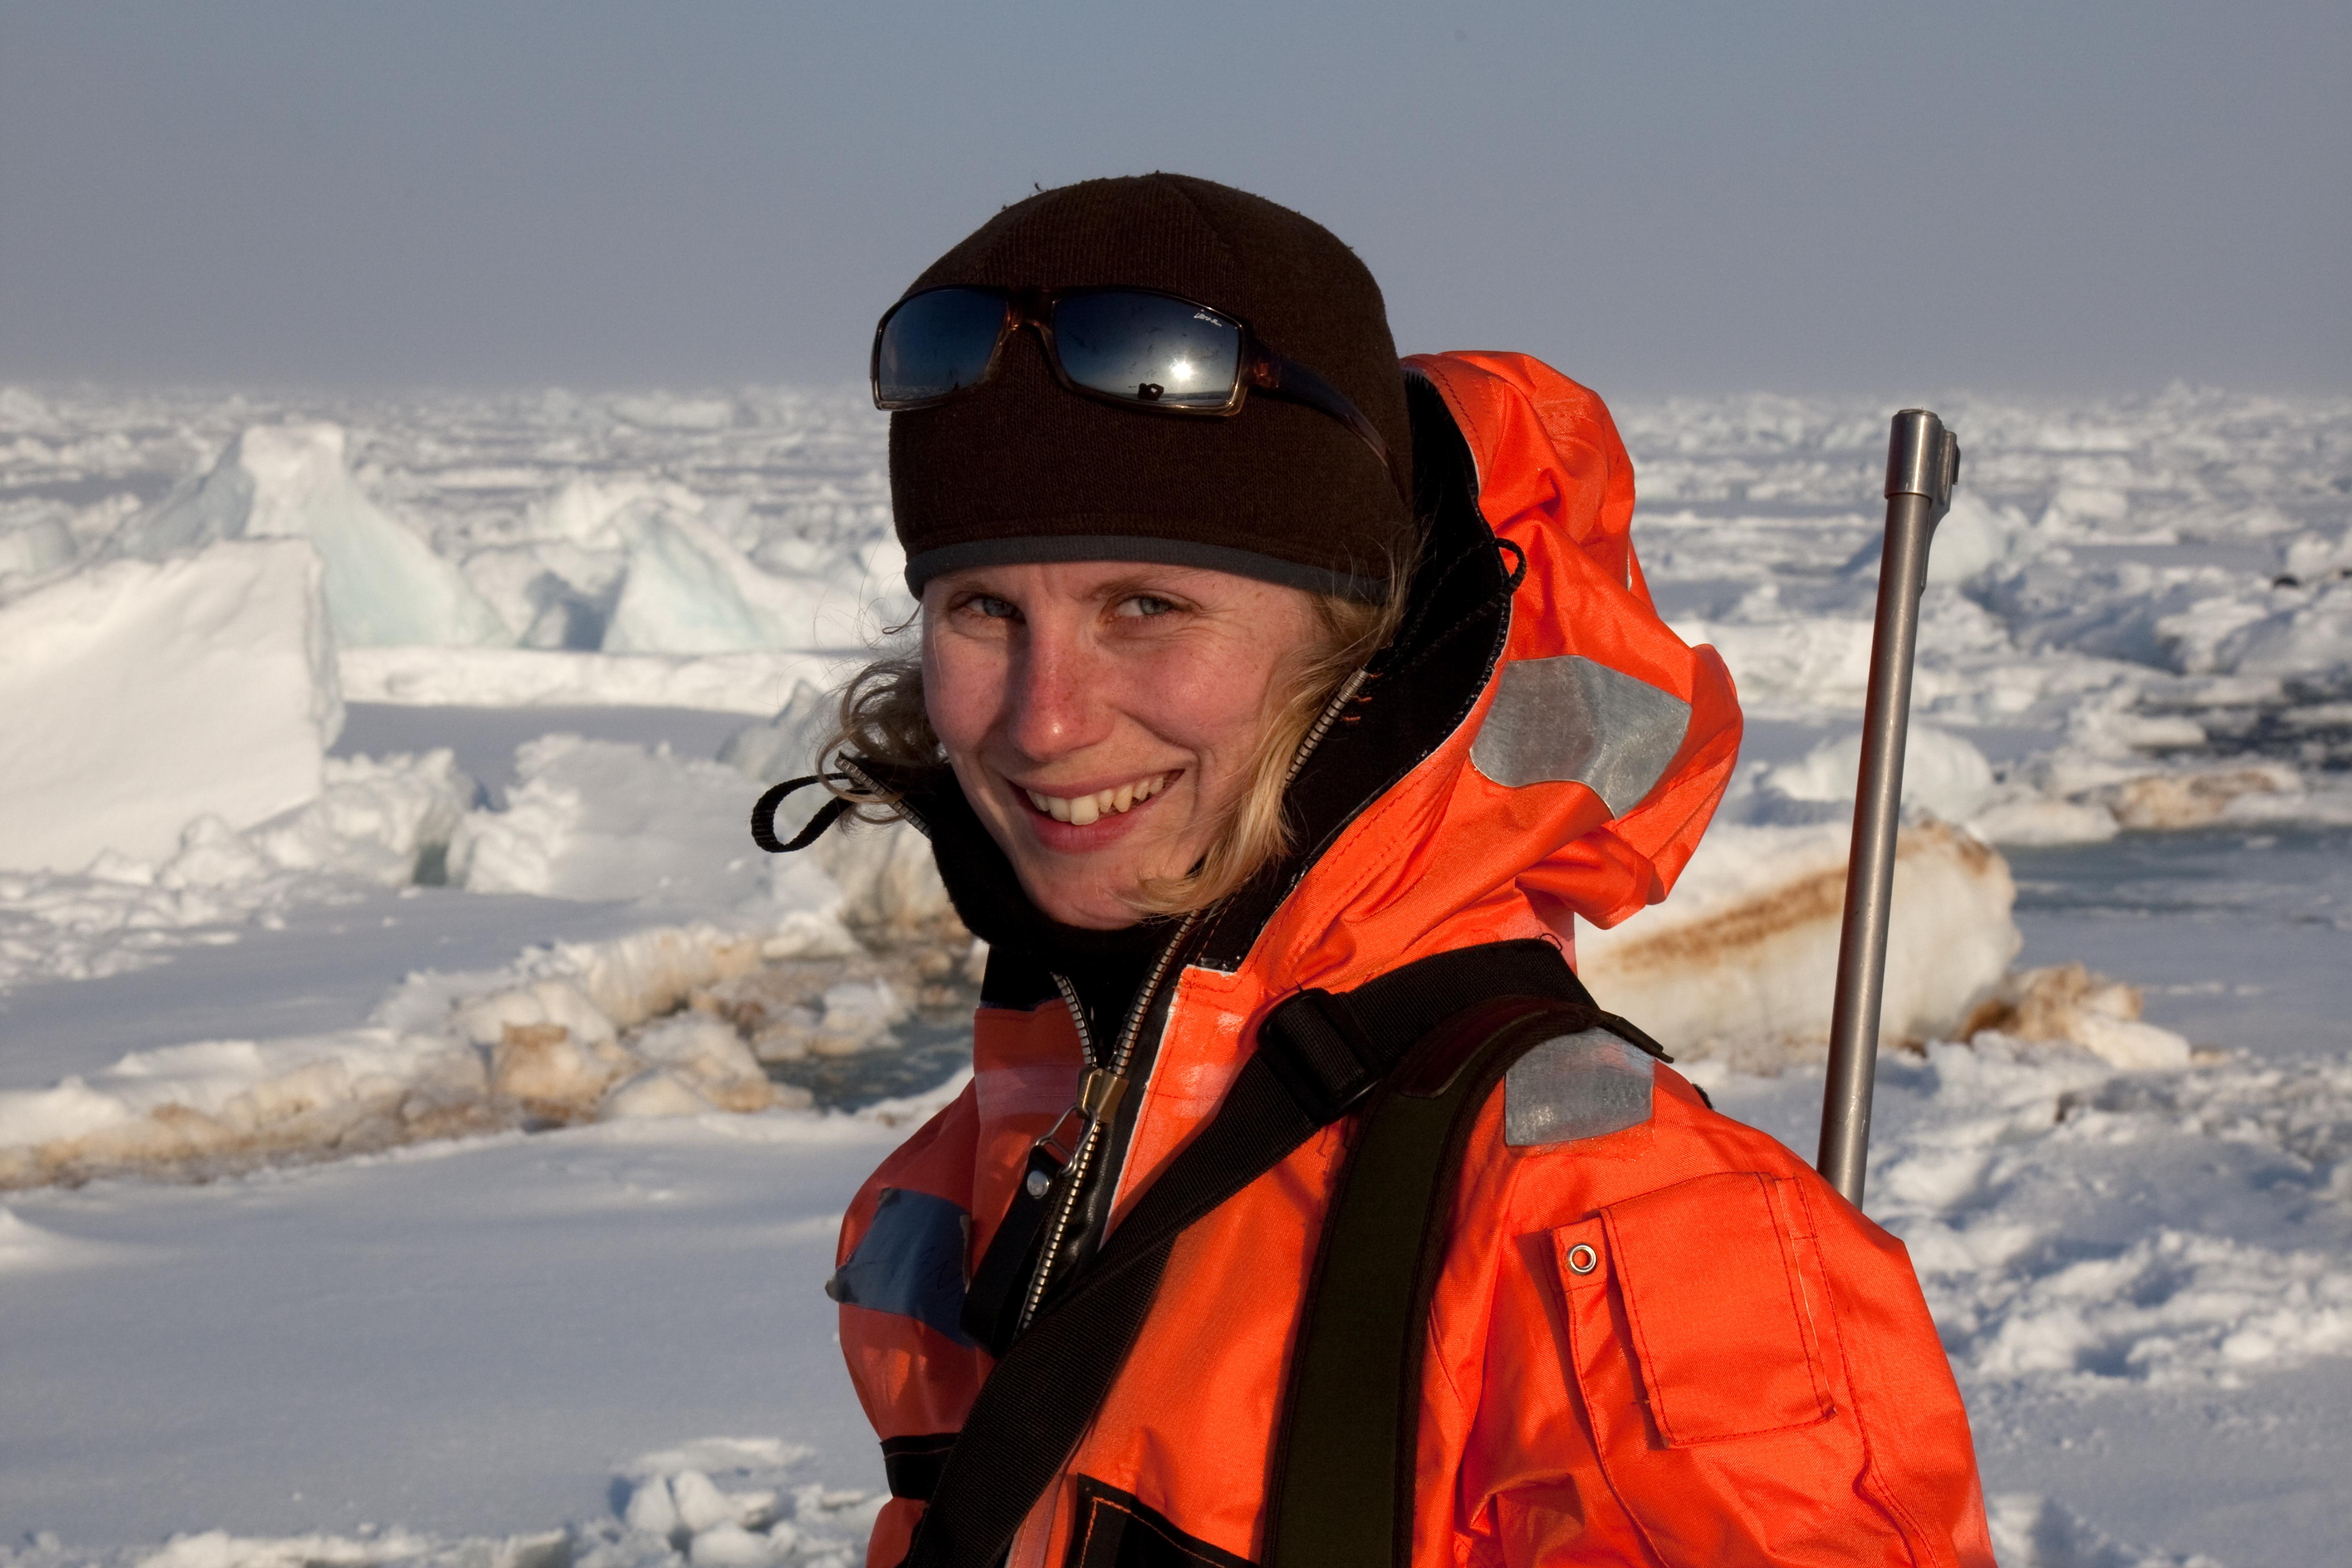 Janne Fritt-Rasmussen